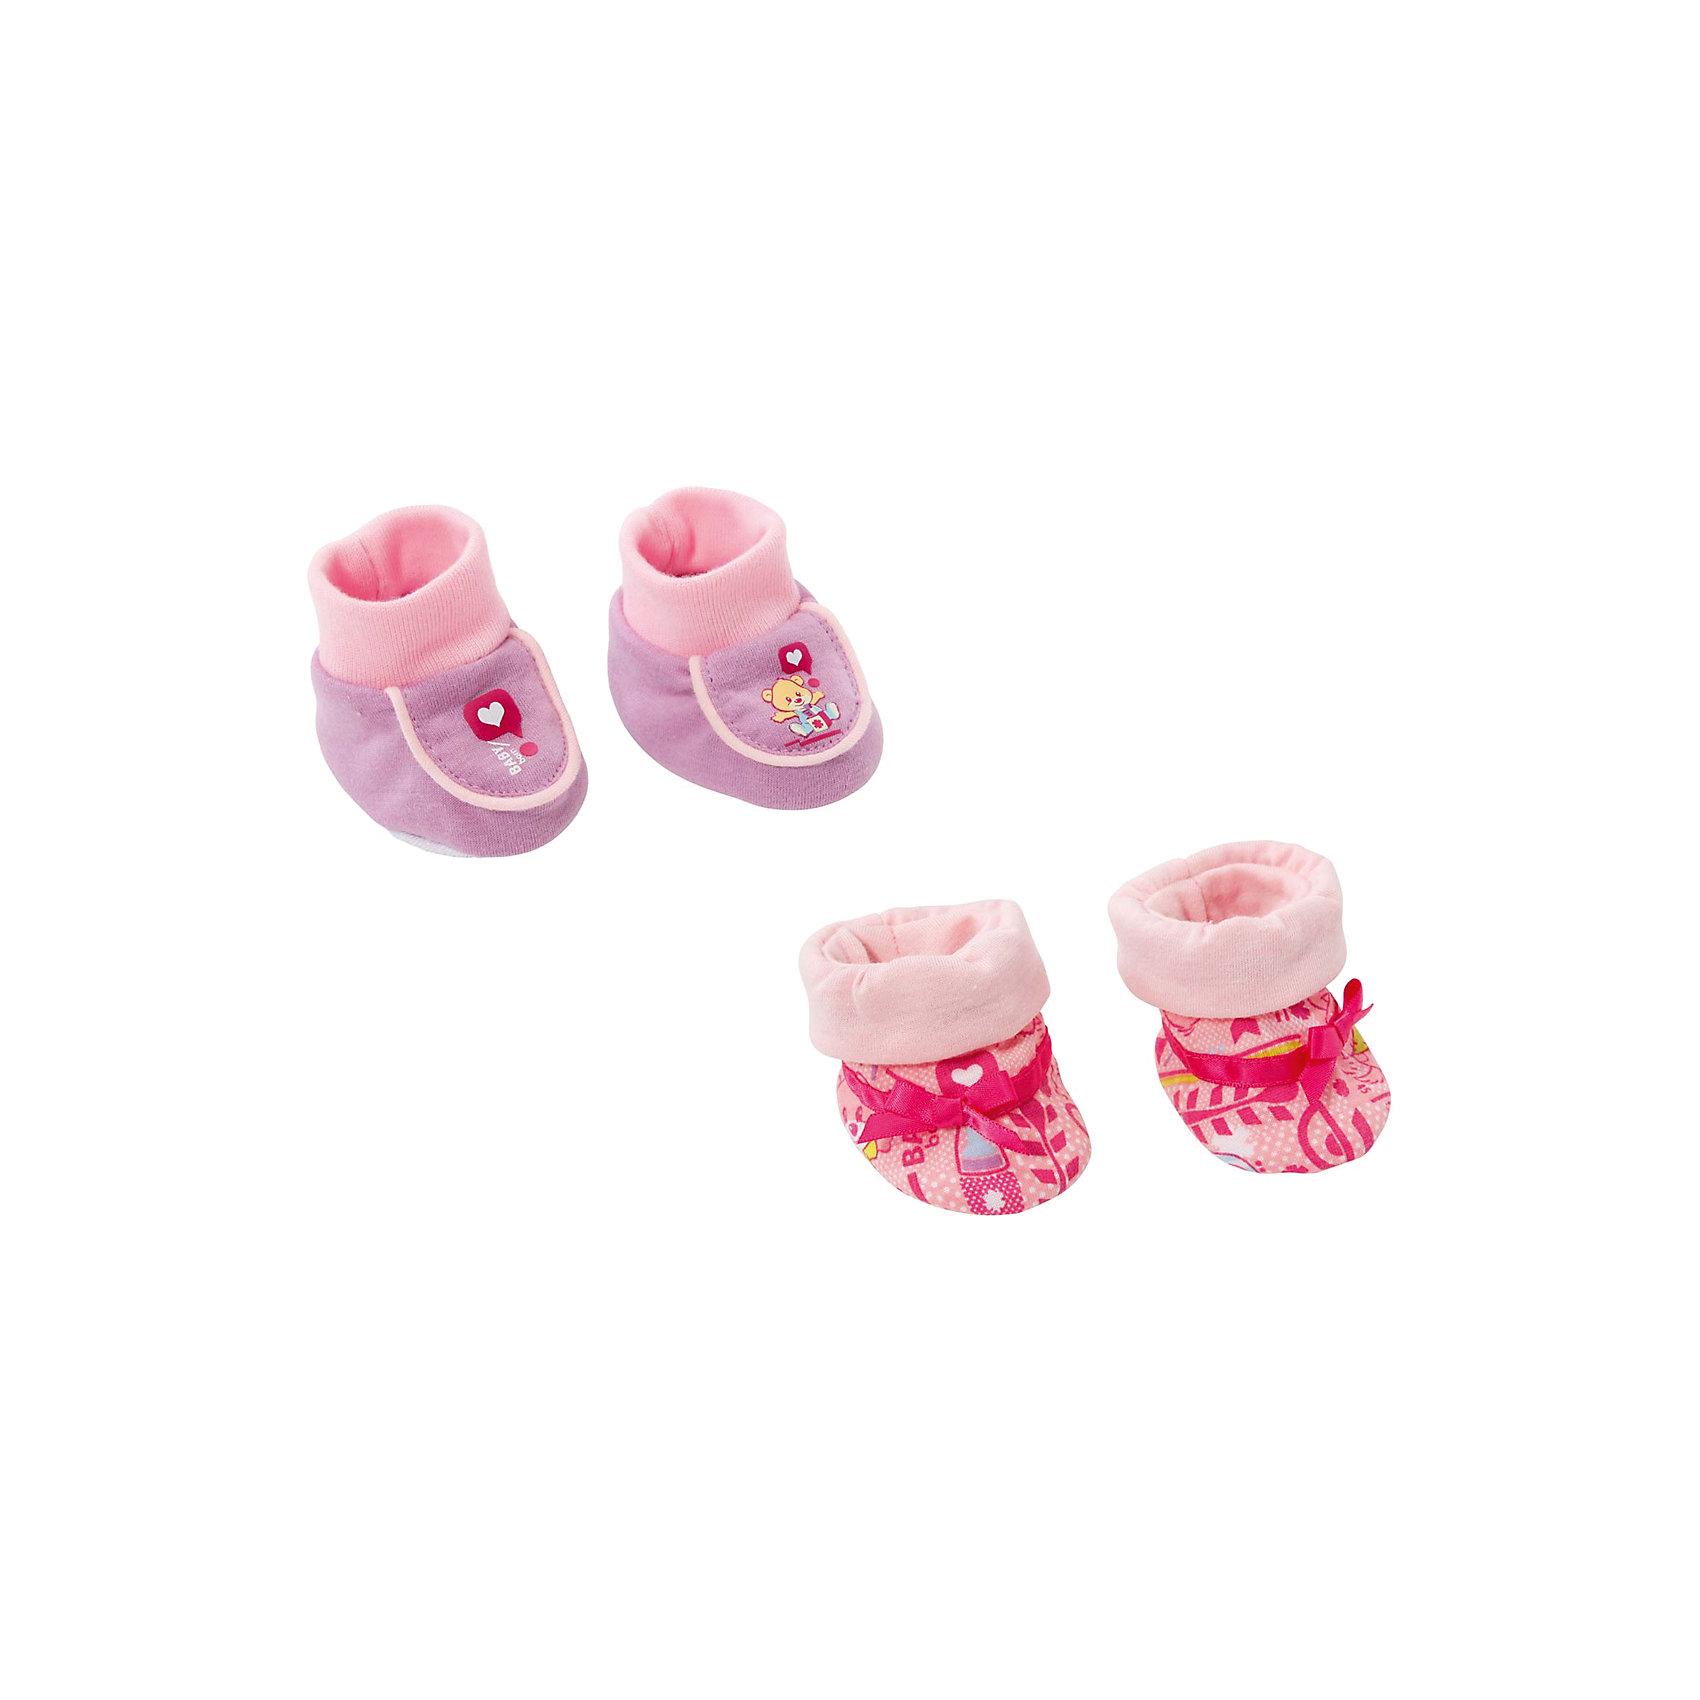 Zapf Creation Мягкие ботинки, розовые, BABY born zapf creation baby born дракон из страны чудес дисплей 822418